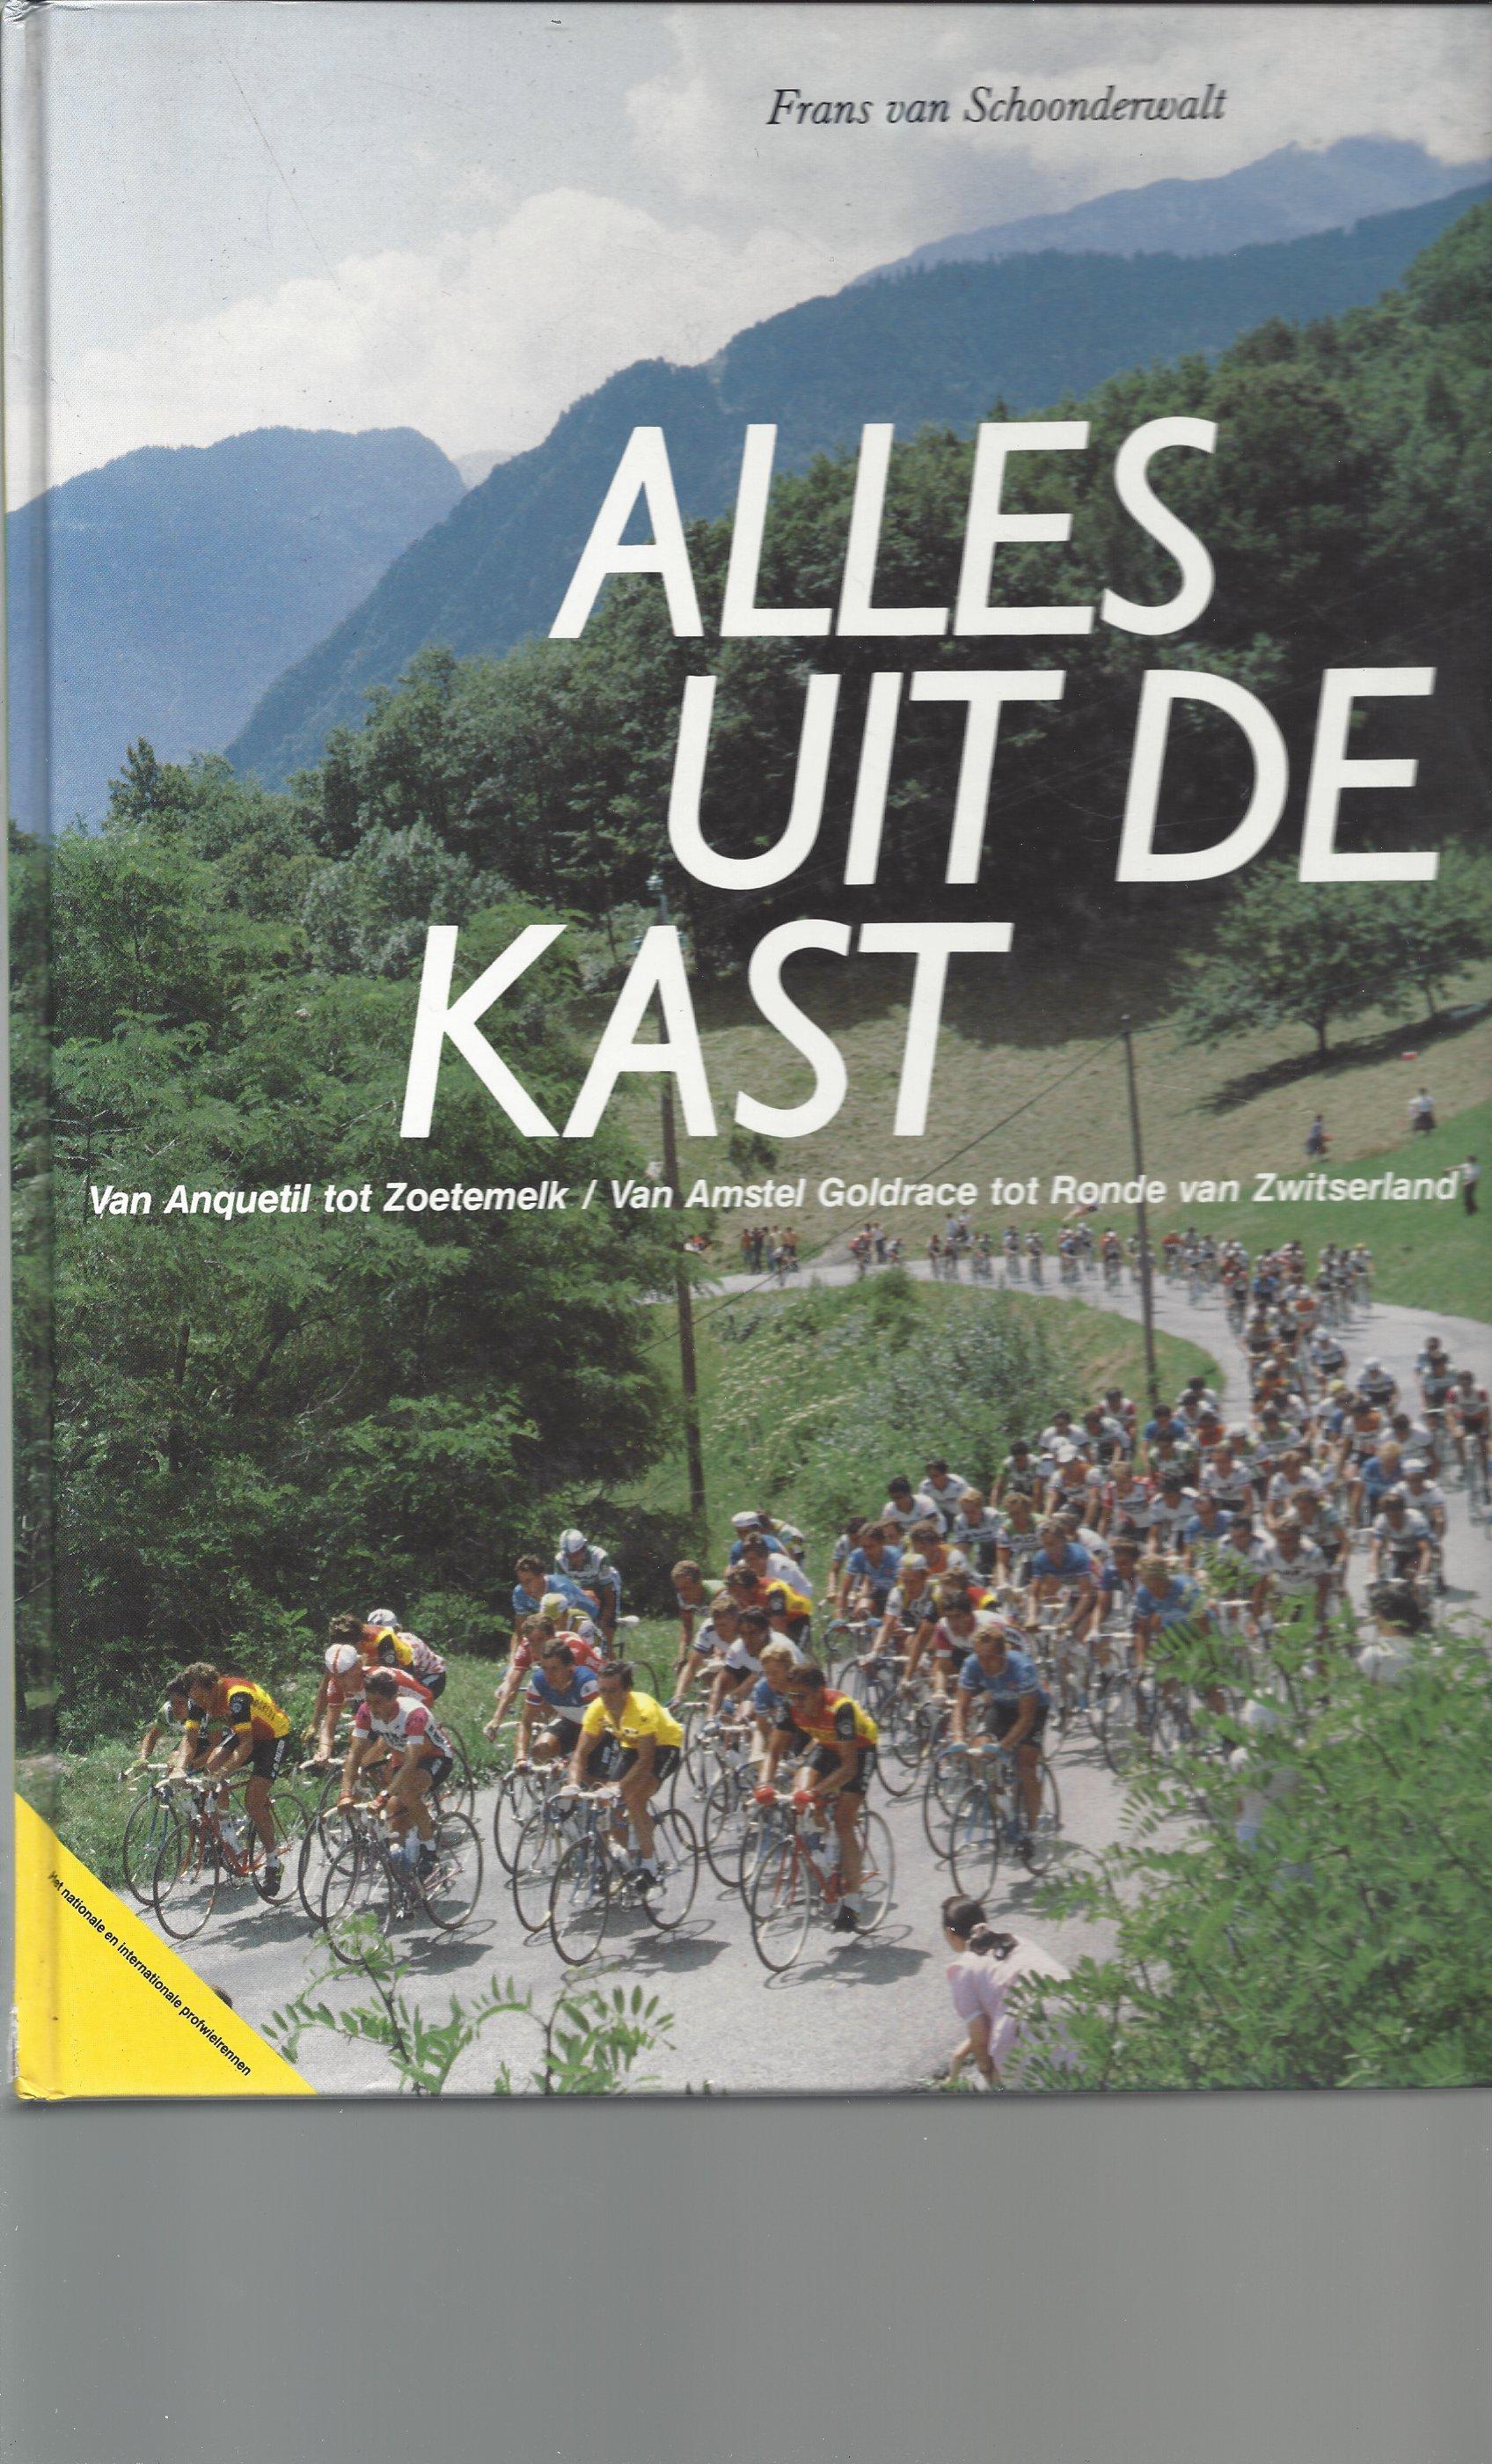 Schoonderwalt, Frans van - Alles uit de kast -Van Anquetil tot Zoetemelk